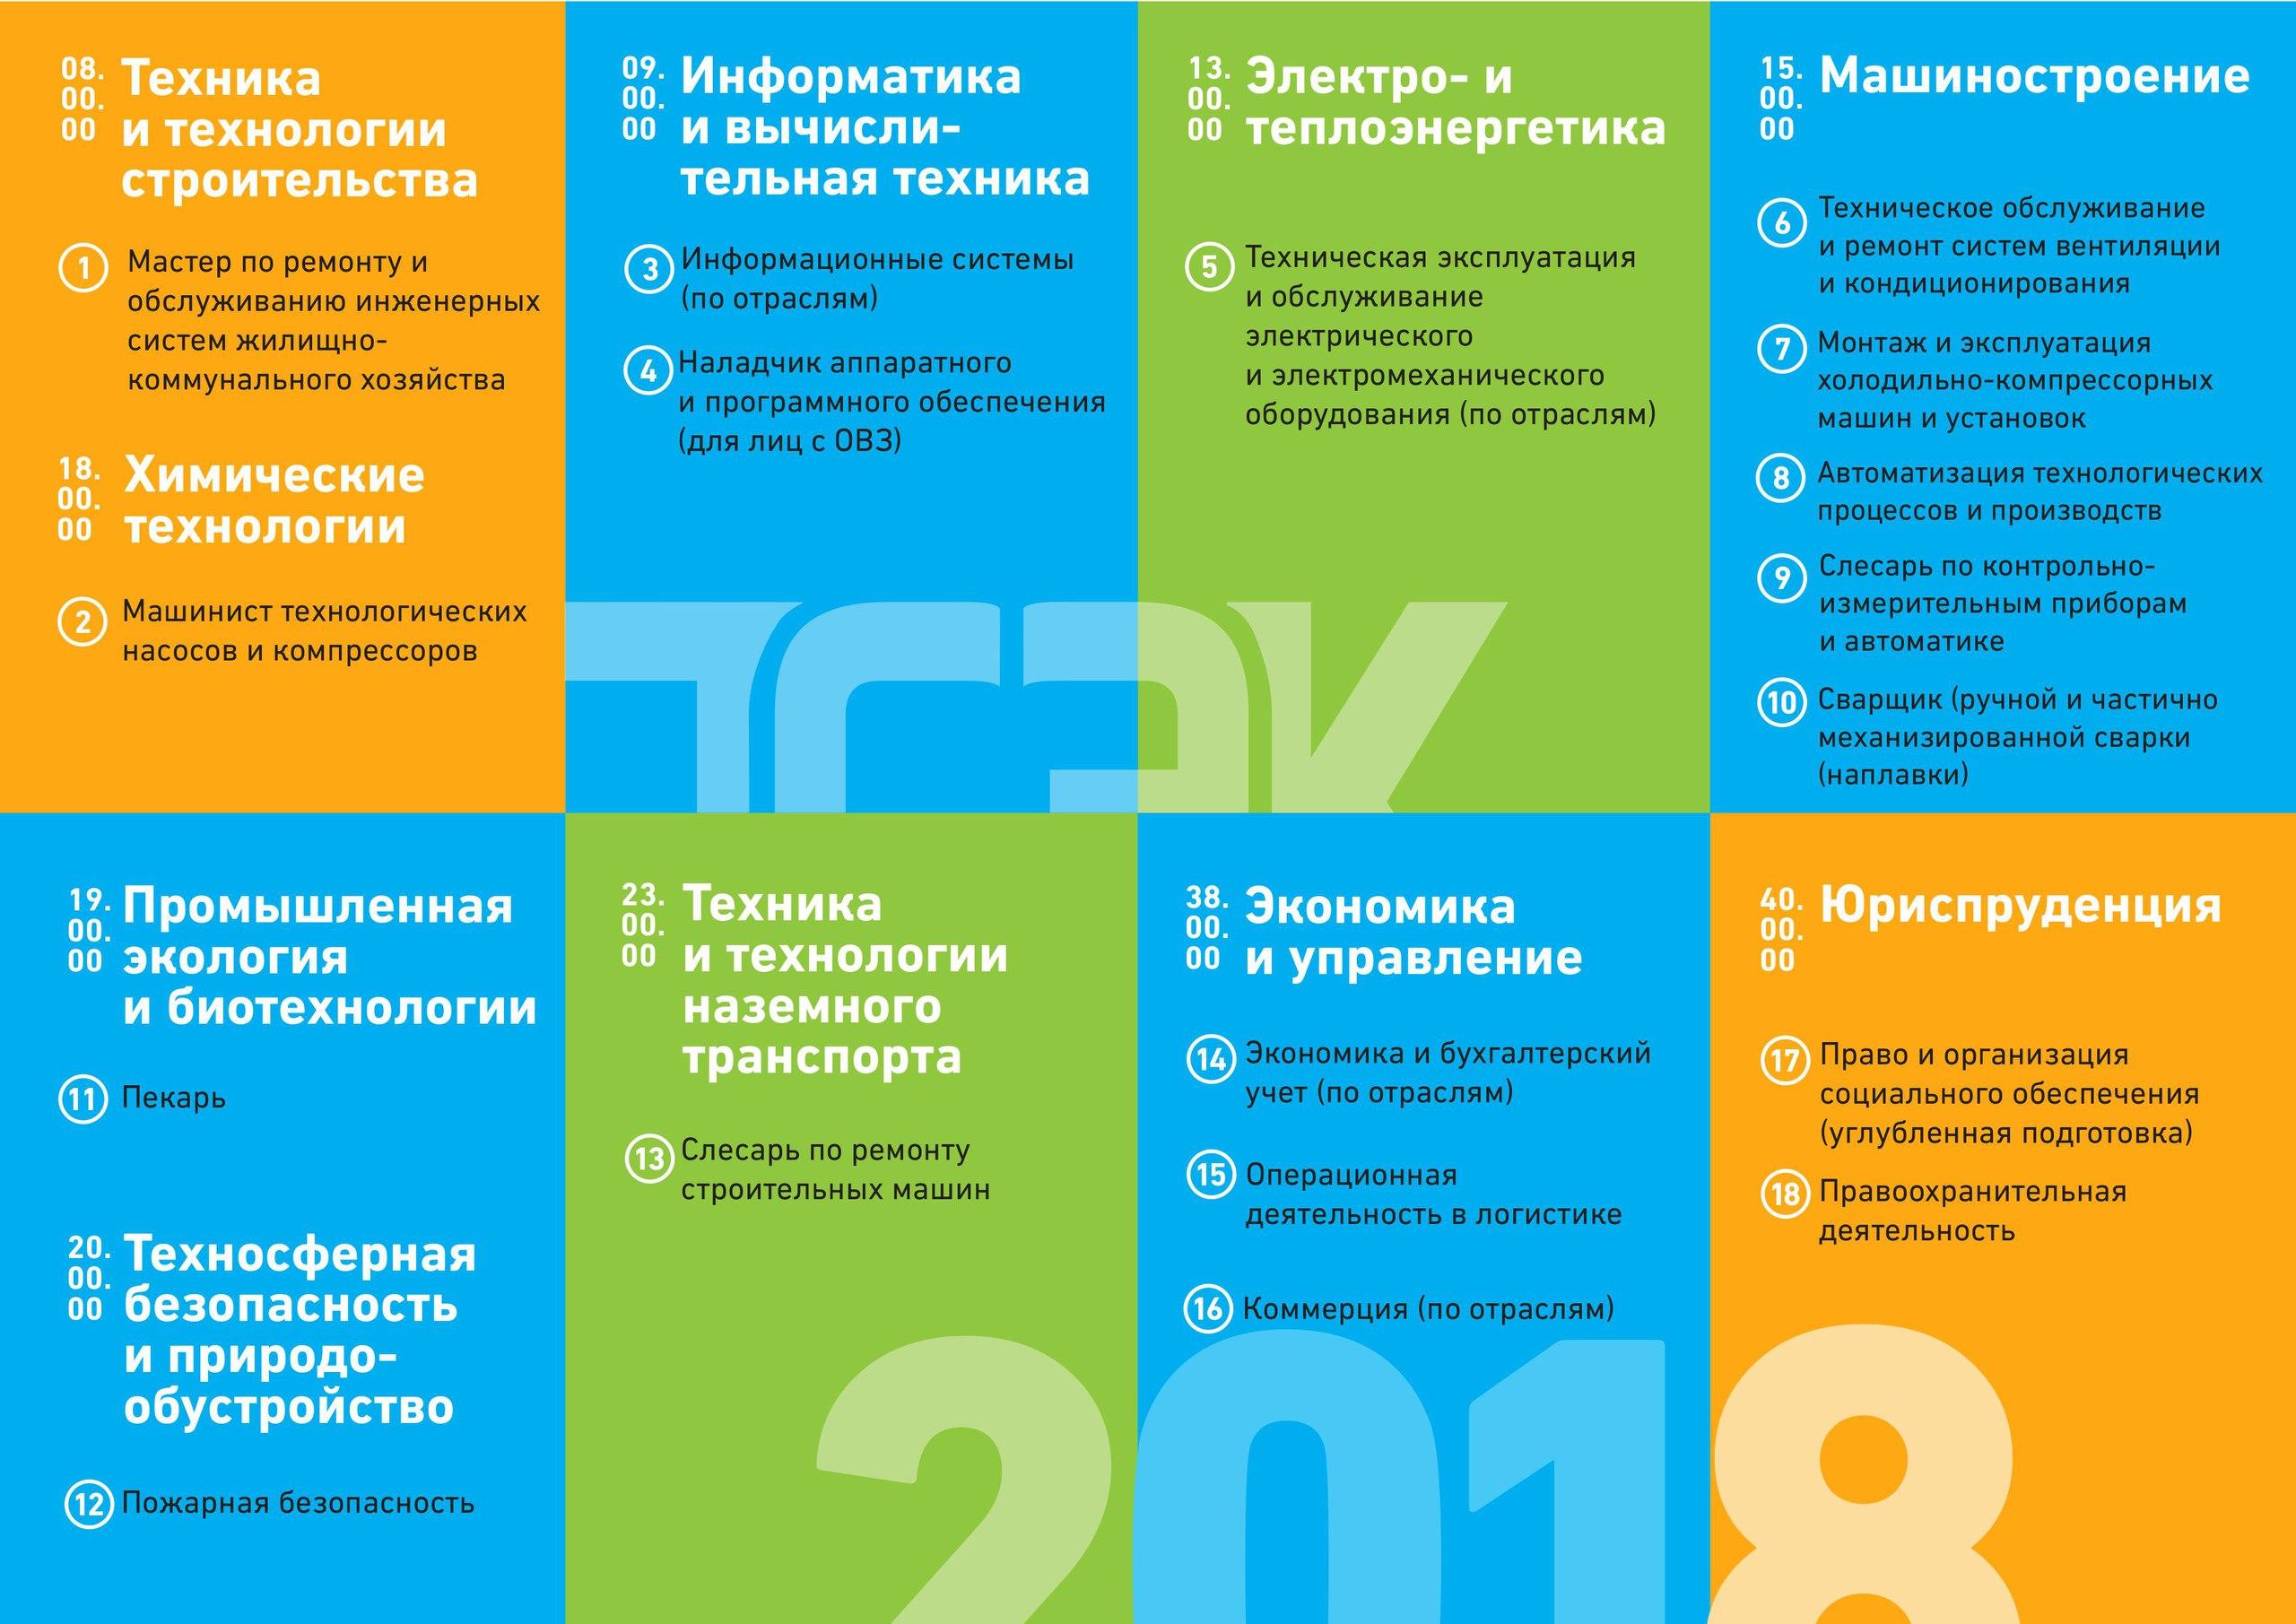 19 образовательных программ для будущих профессионалов